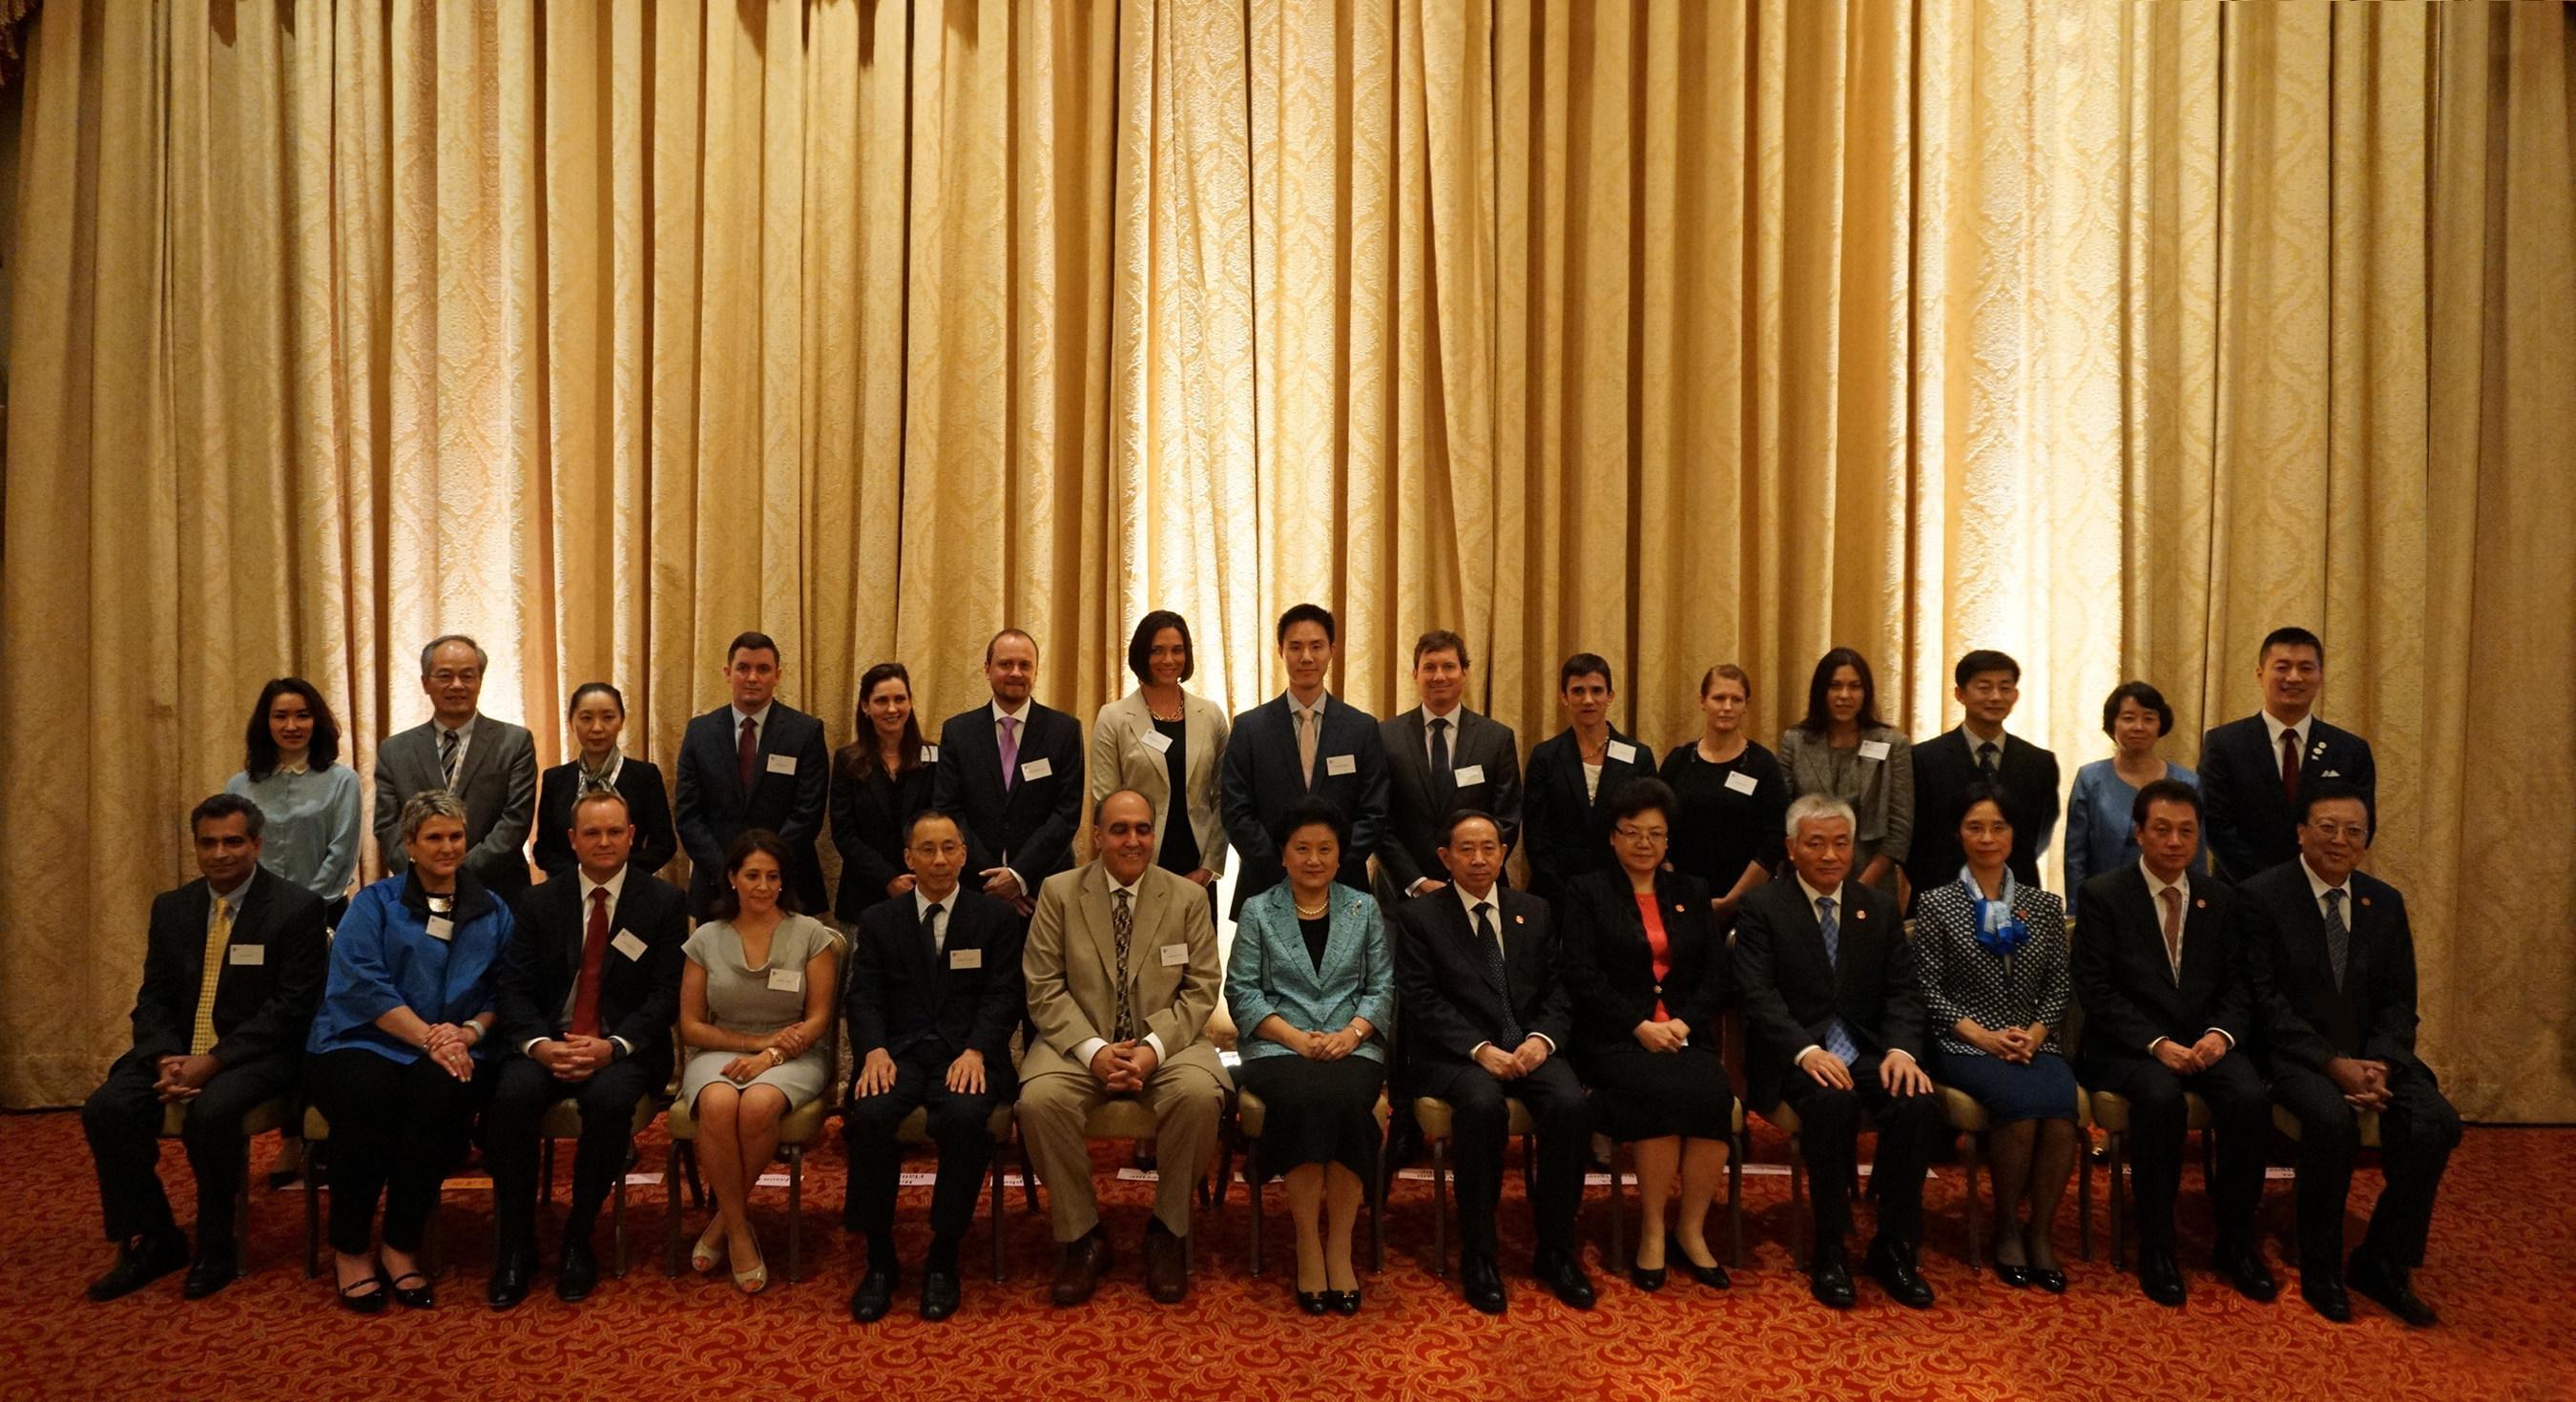 Firma Perfect World ogłasza osiągnięcie nowego kamienia milowego w programie Zhi-Xing China